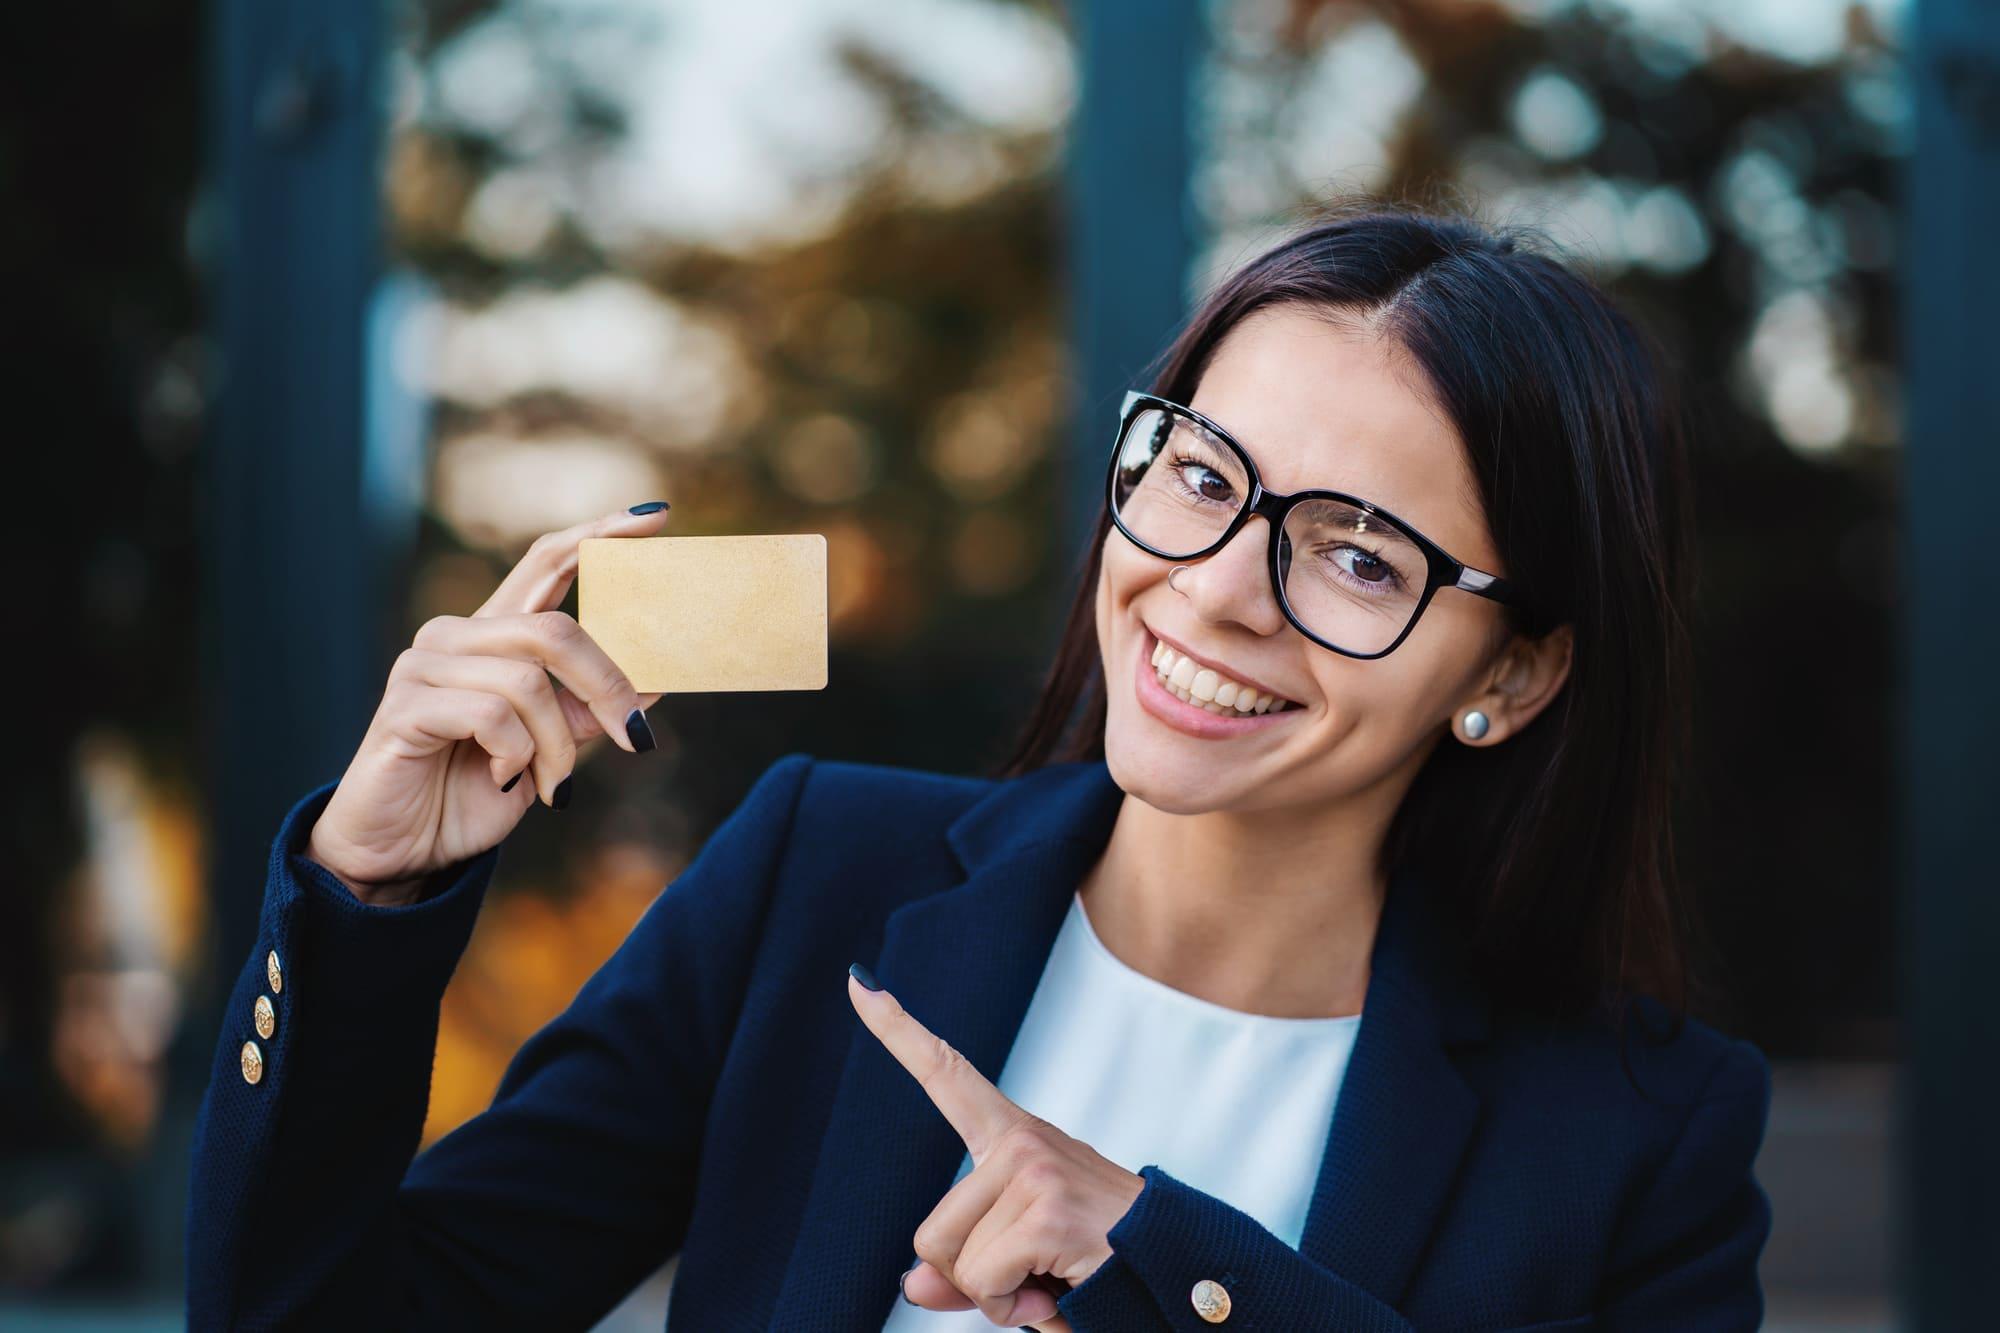 消費税増税後はキャッシュレス決済なら最大5%還元!クレジットカード等によるポイント還元施策のしくみを徹底解説